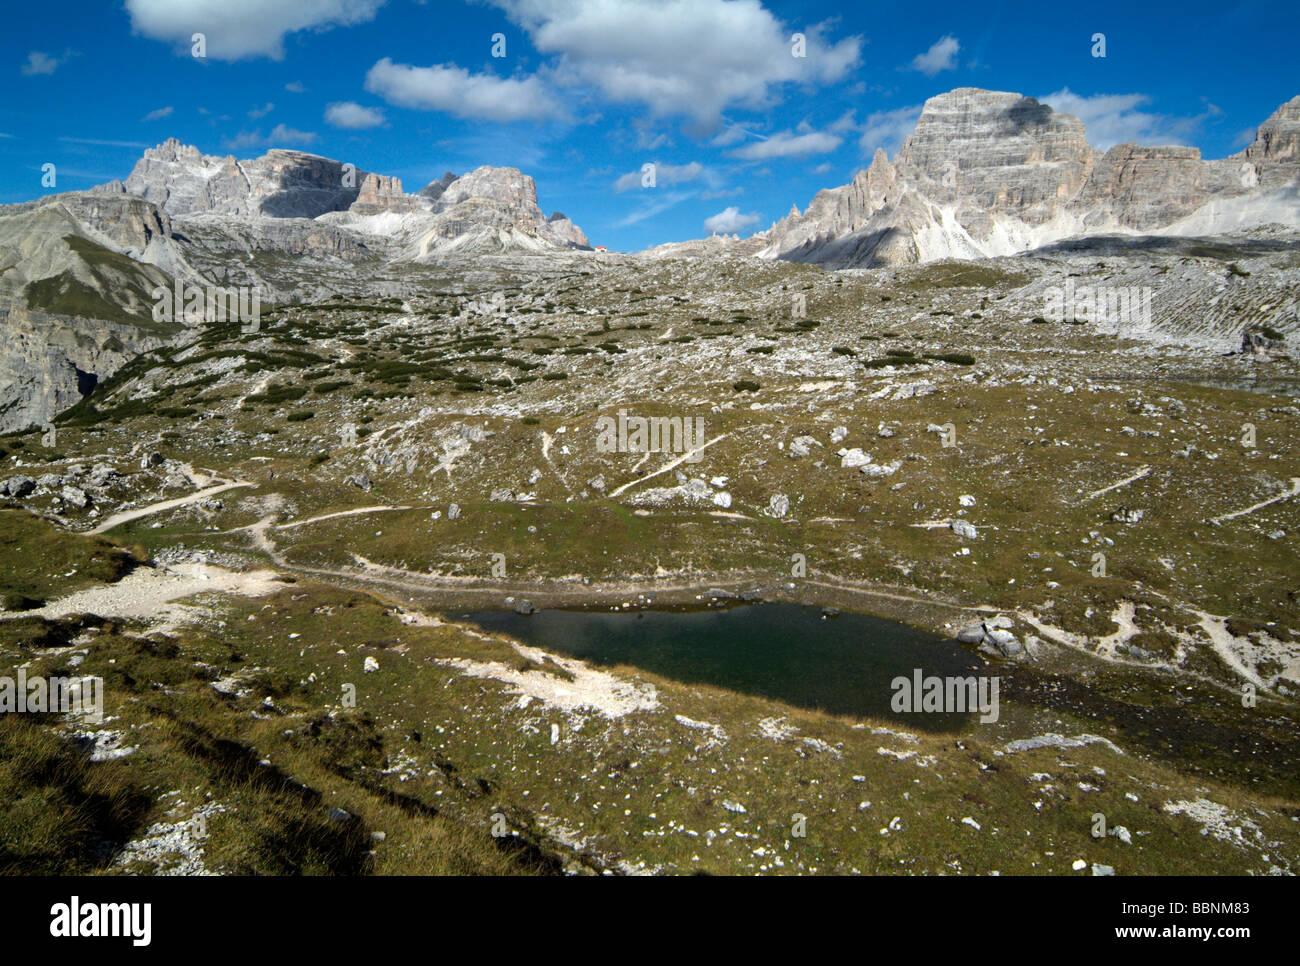 geography / travel, Italy, South Tyrol, Dolomiti di Sesto, Tre Cime, Europe, Eastern Alps, mountain / mountains, Stock Photo